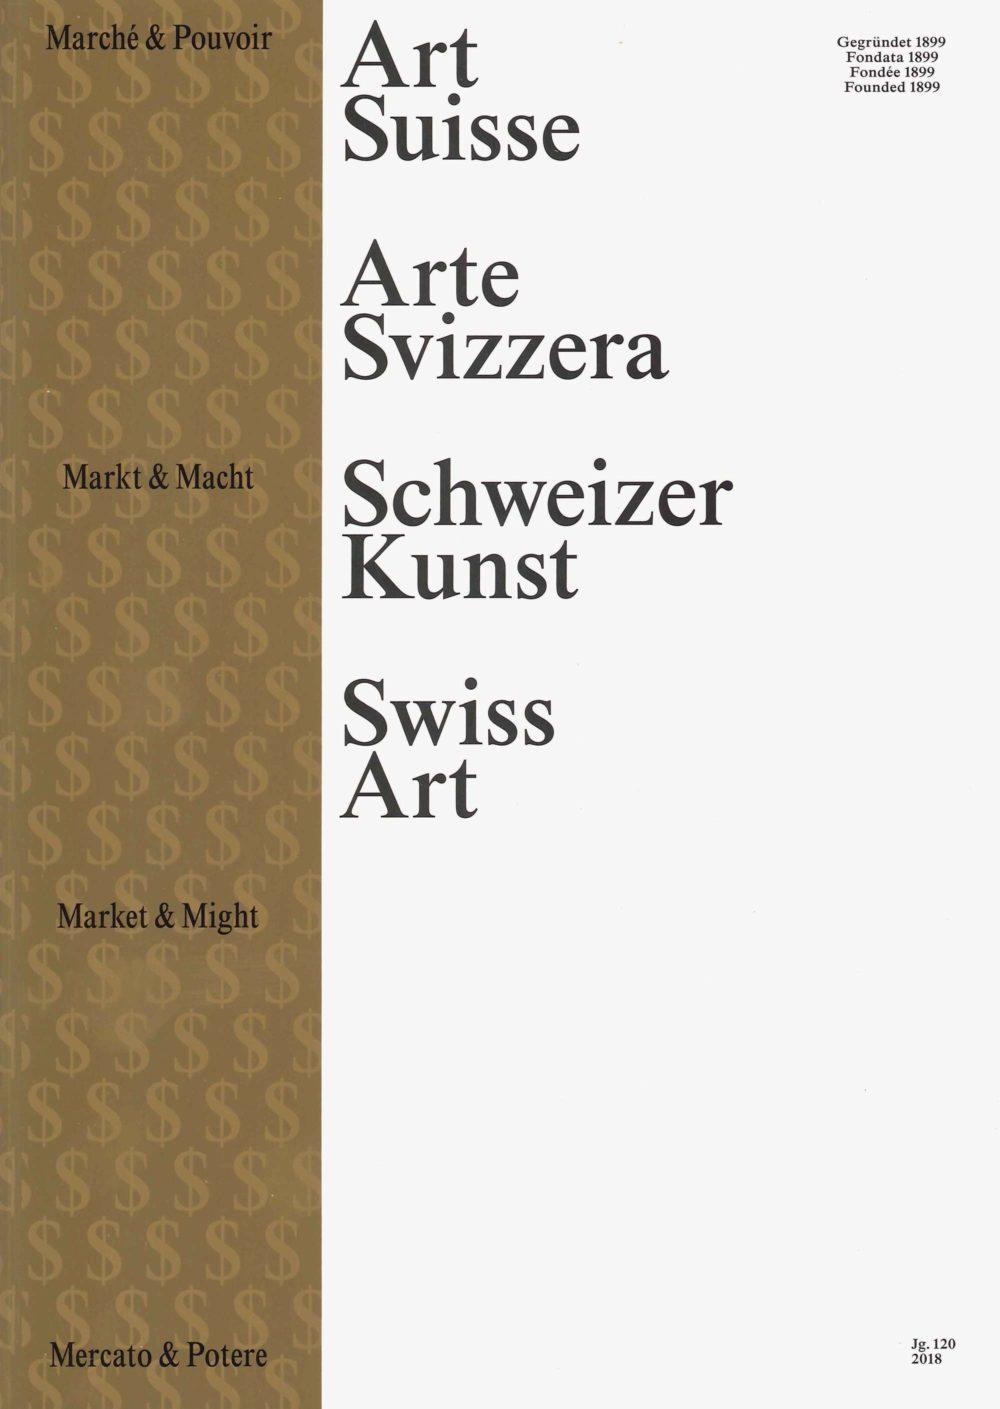 La nouvelle « Art Suisse » est publiée